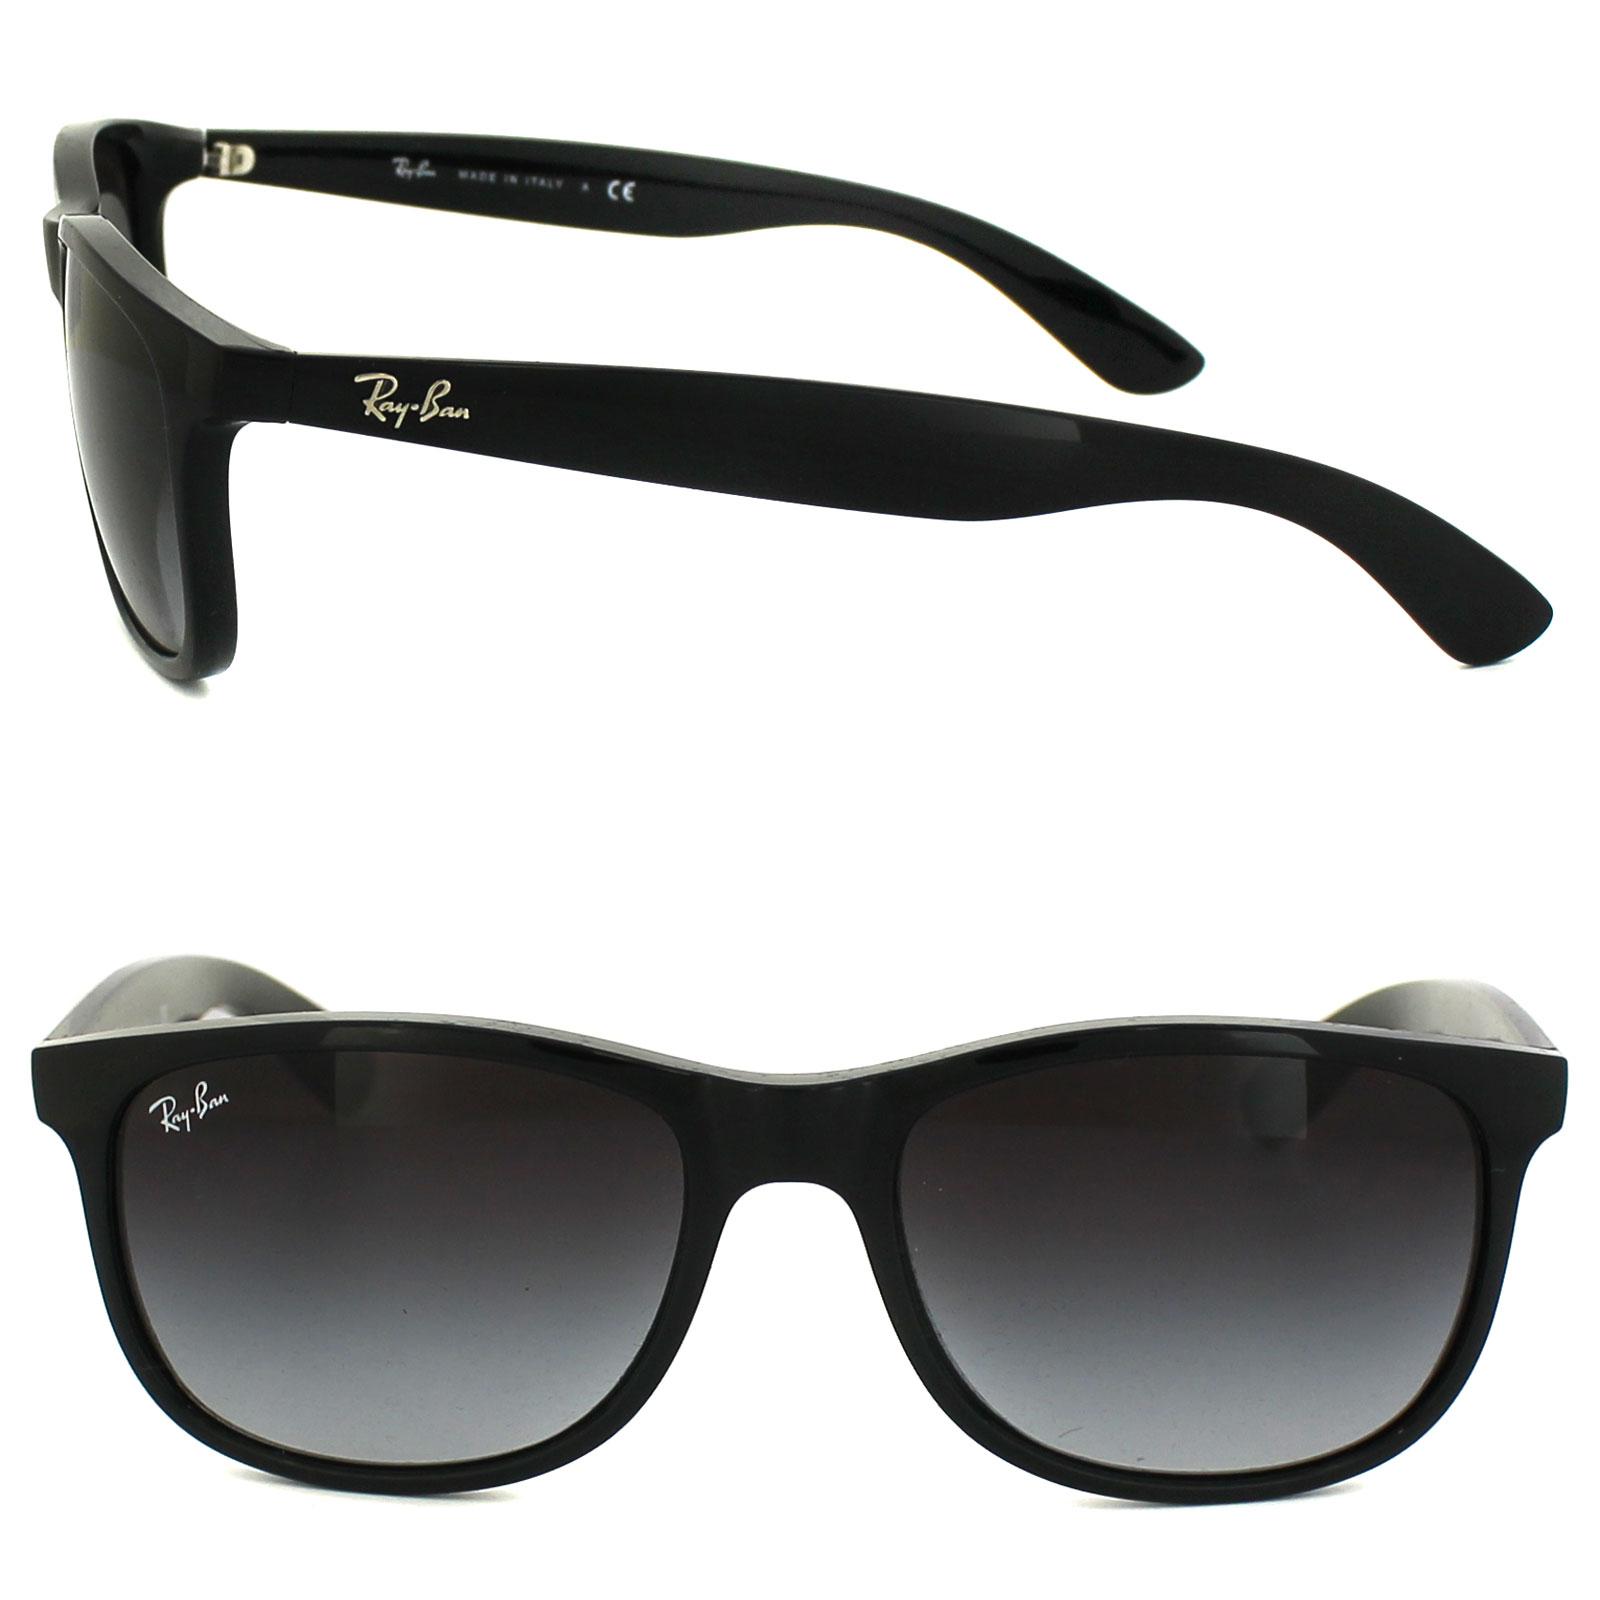 RAY BAN RAY-BAN Herren Sonnenbrille »ANDY RB4202«, schwarz, 601/8G - schwarz/grau